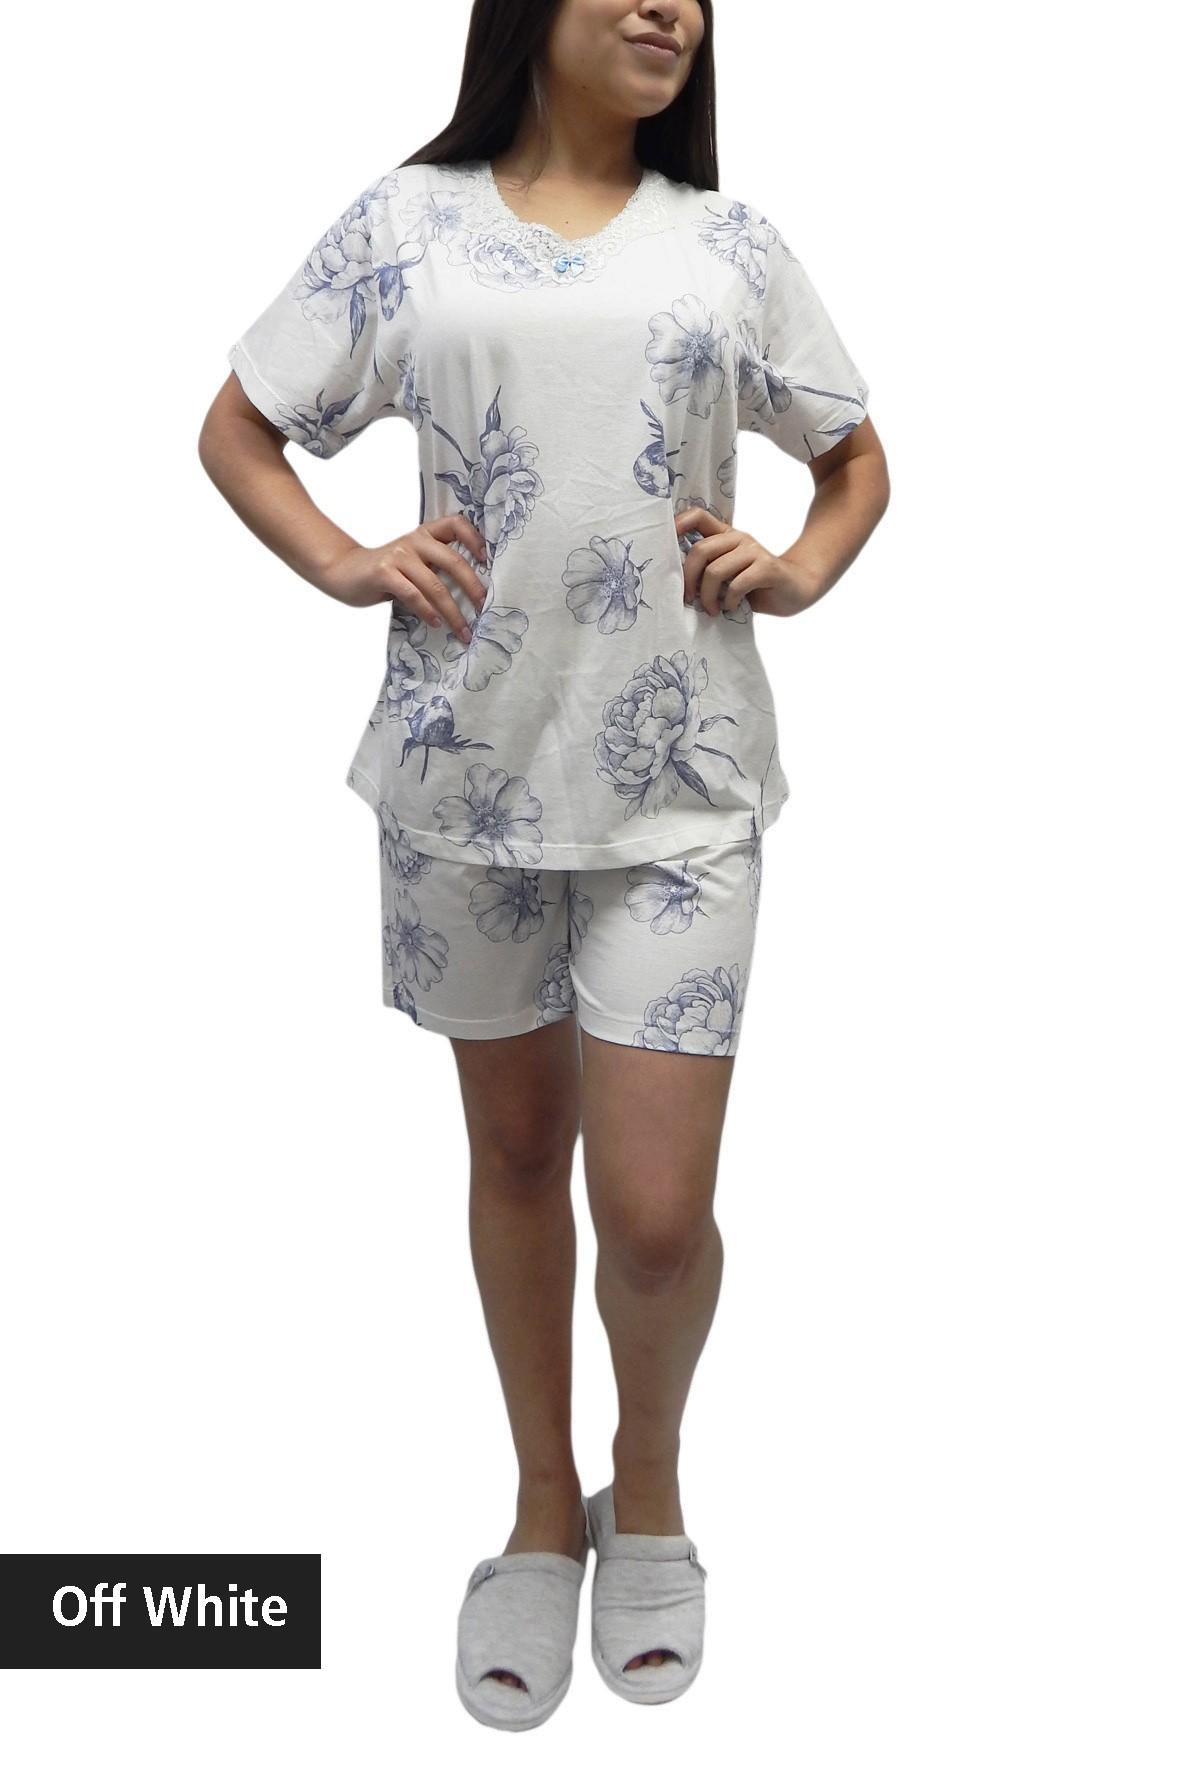 Pijama Feminino Estampado com Bermuda 100% Algodão - Foxx 263301